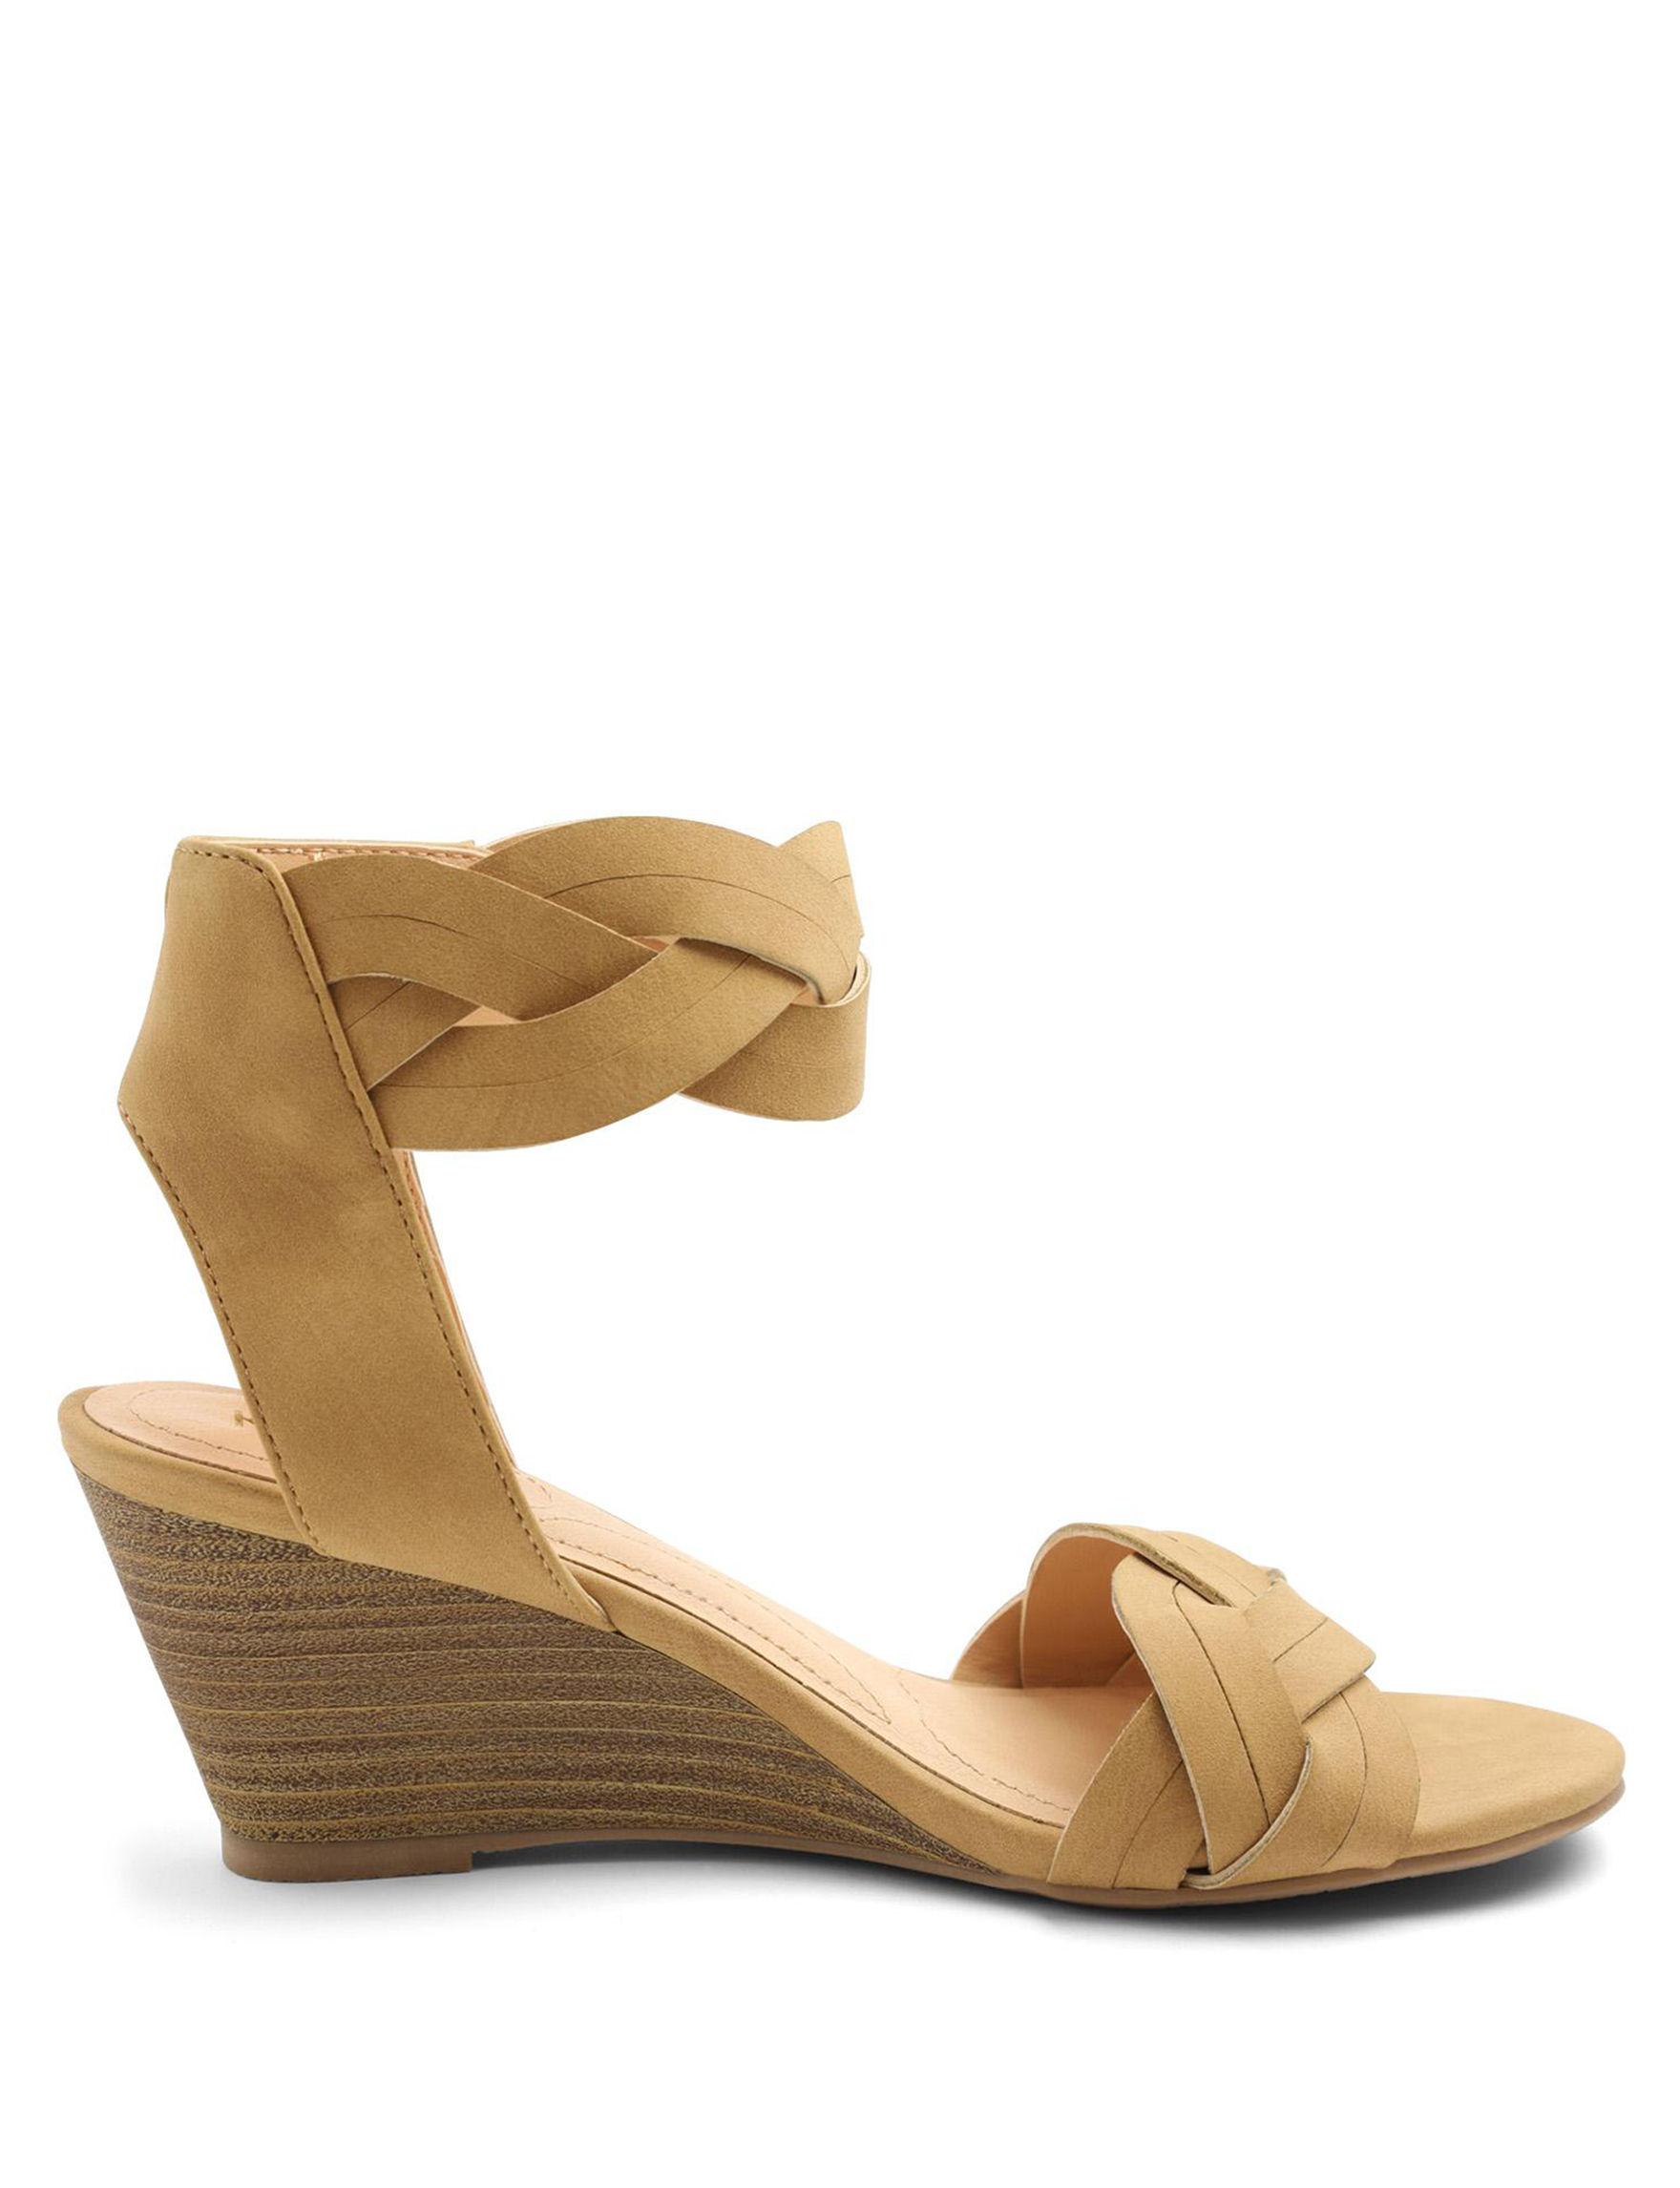 Kensie Tan Wedge Sandals